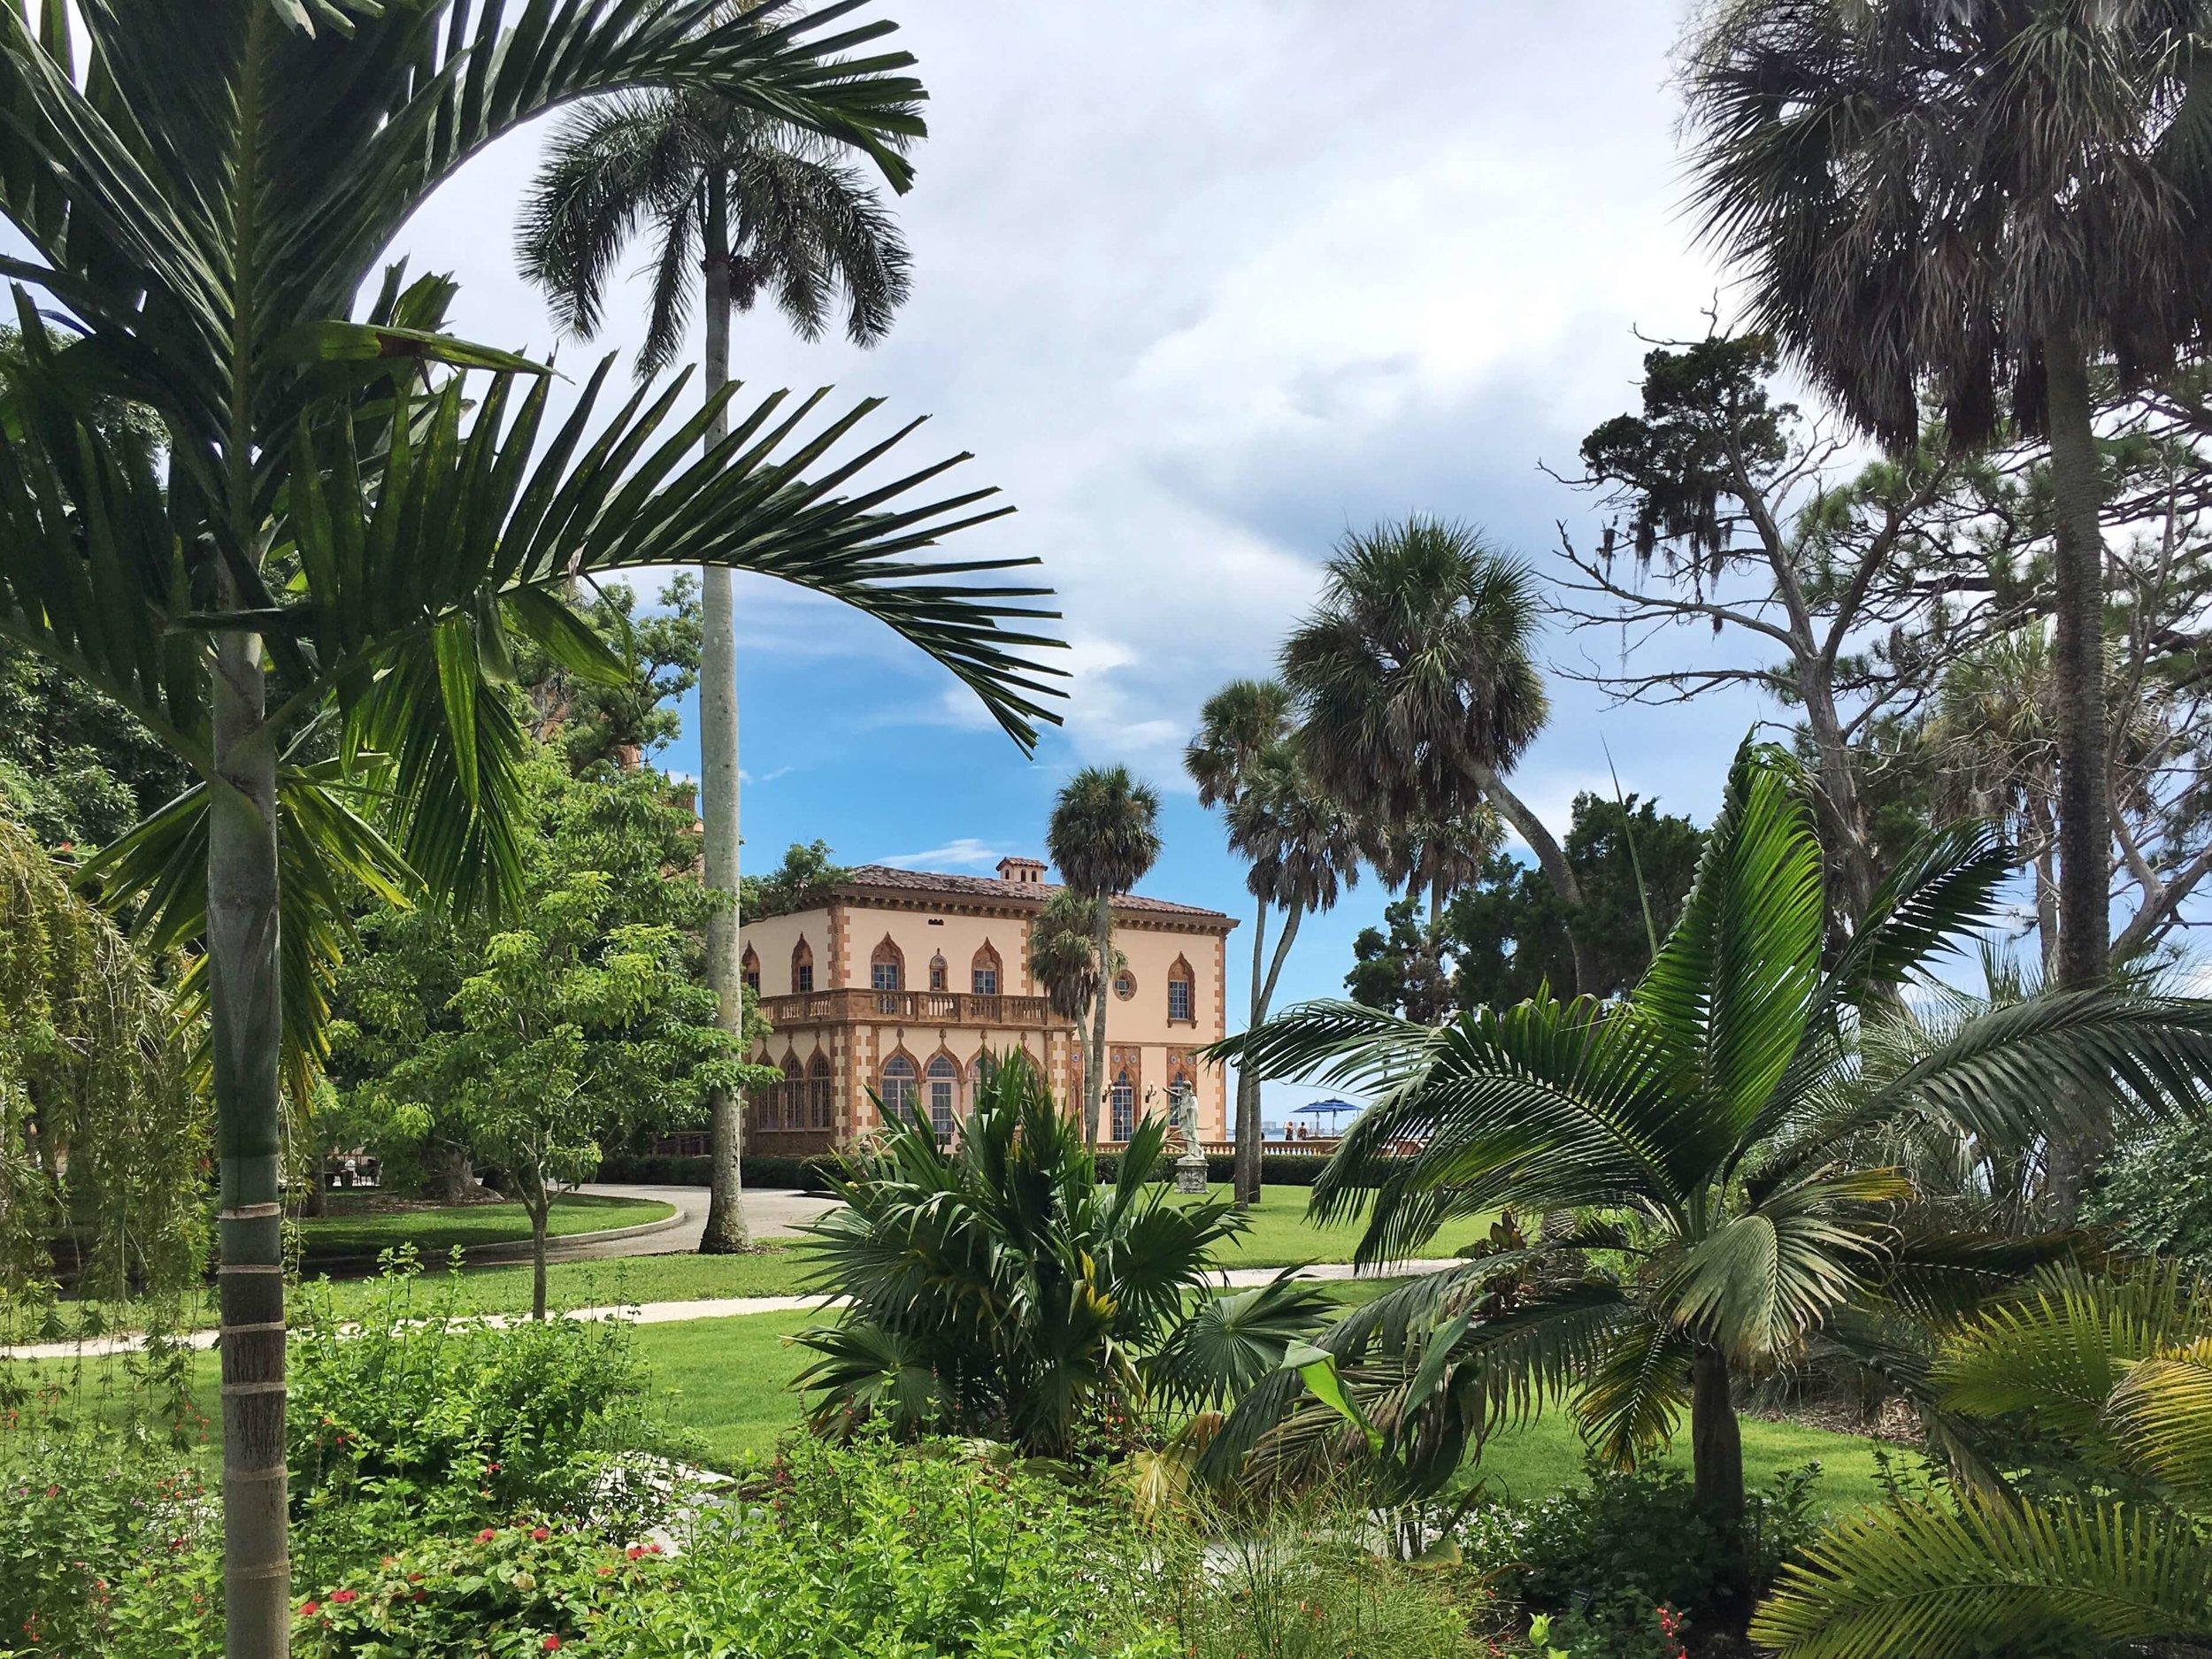 Ca' d'Zan: view from the secret garden